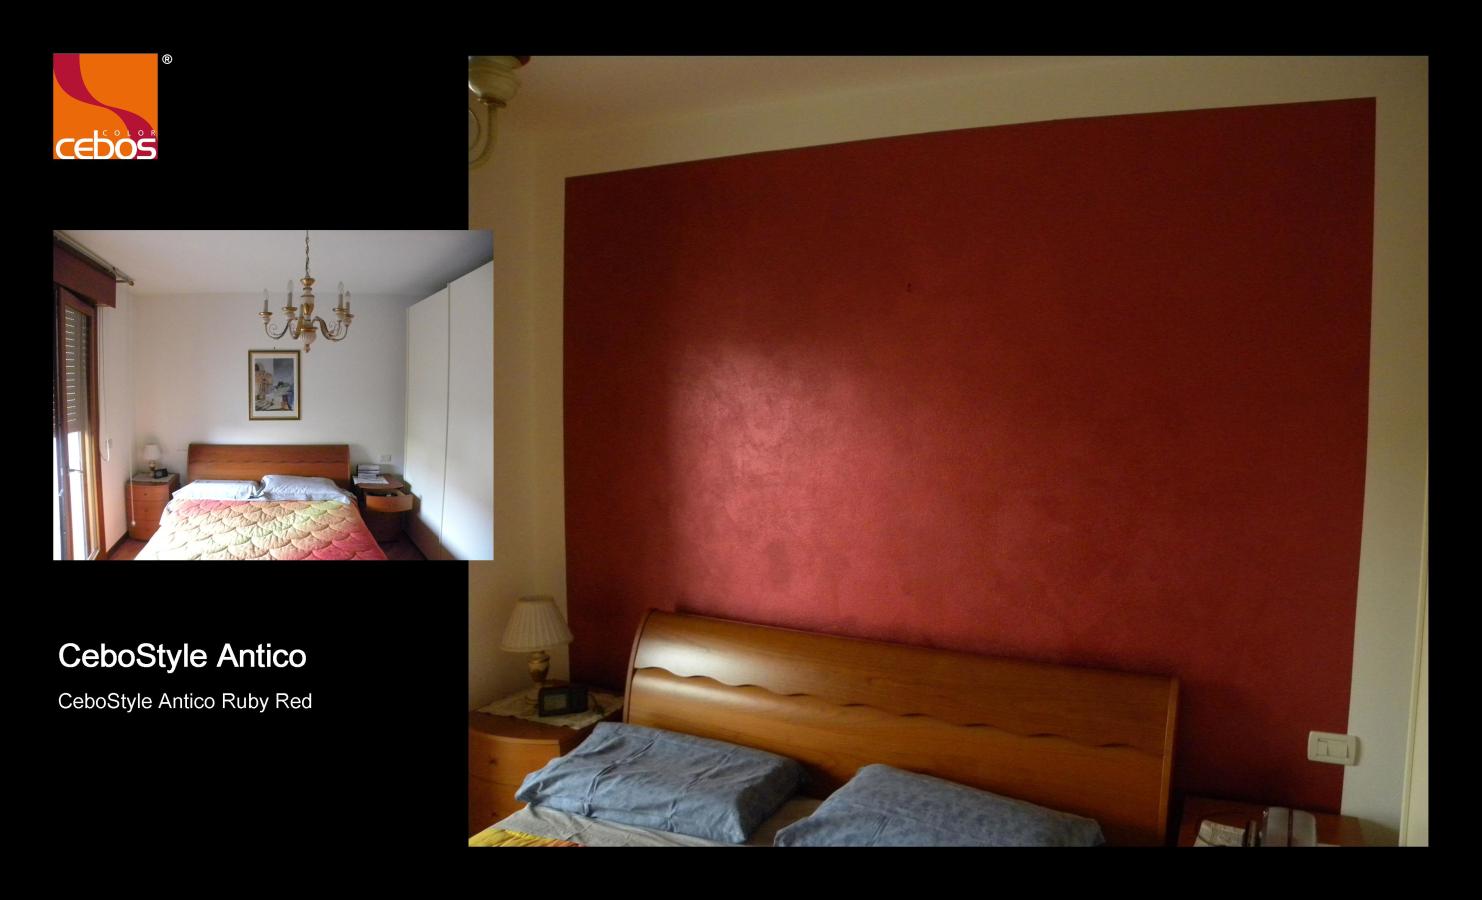 Pittura Granulosa Per Cartongesso decorativo:quello che non ti hanno mai detto e che avresti